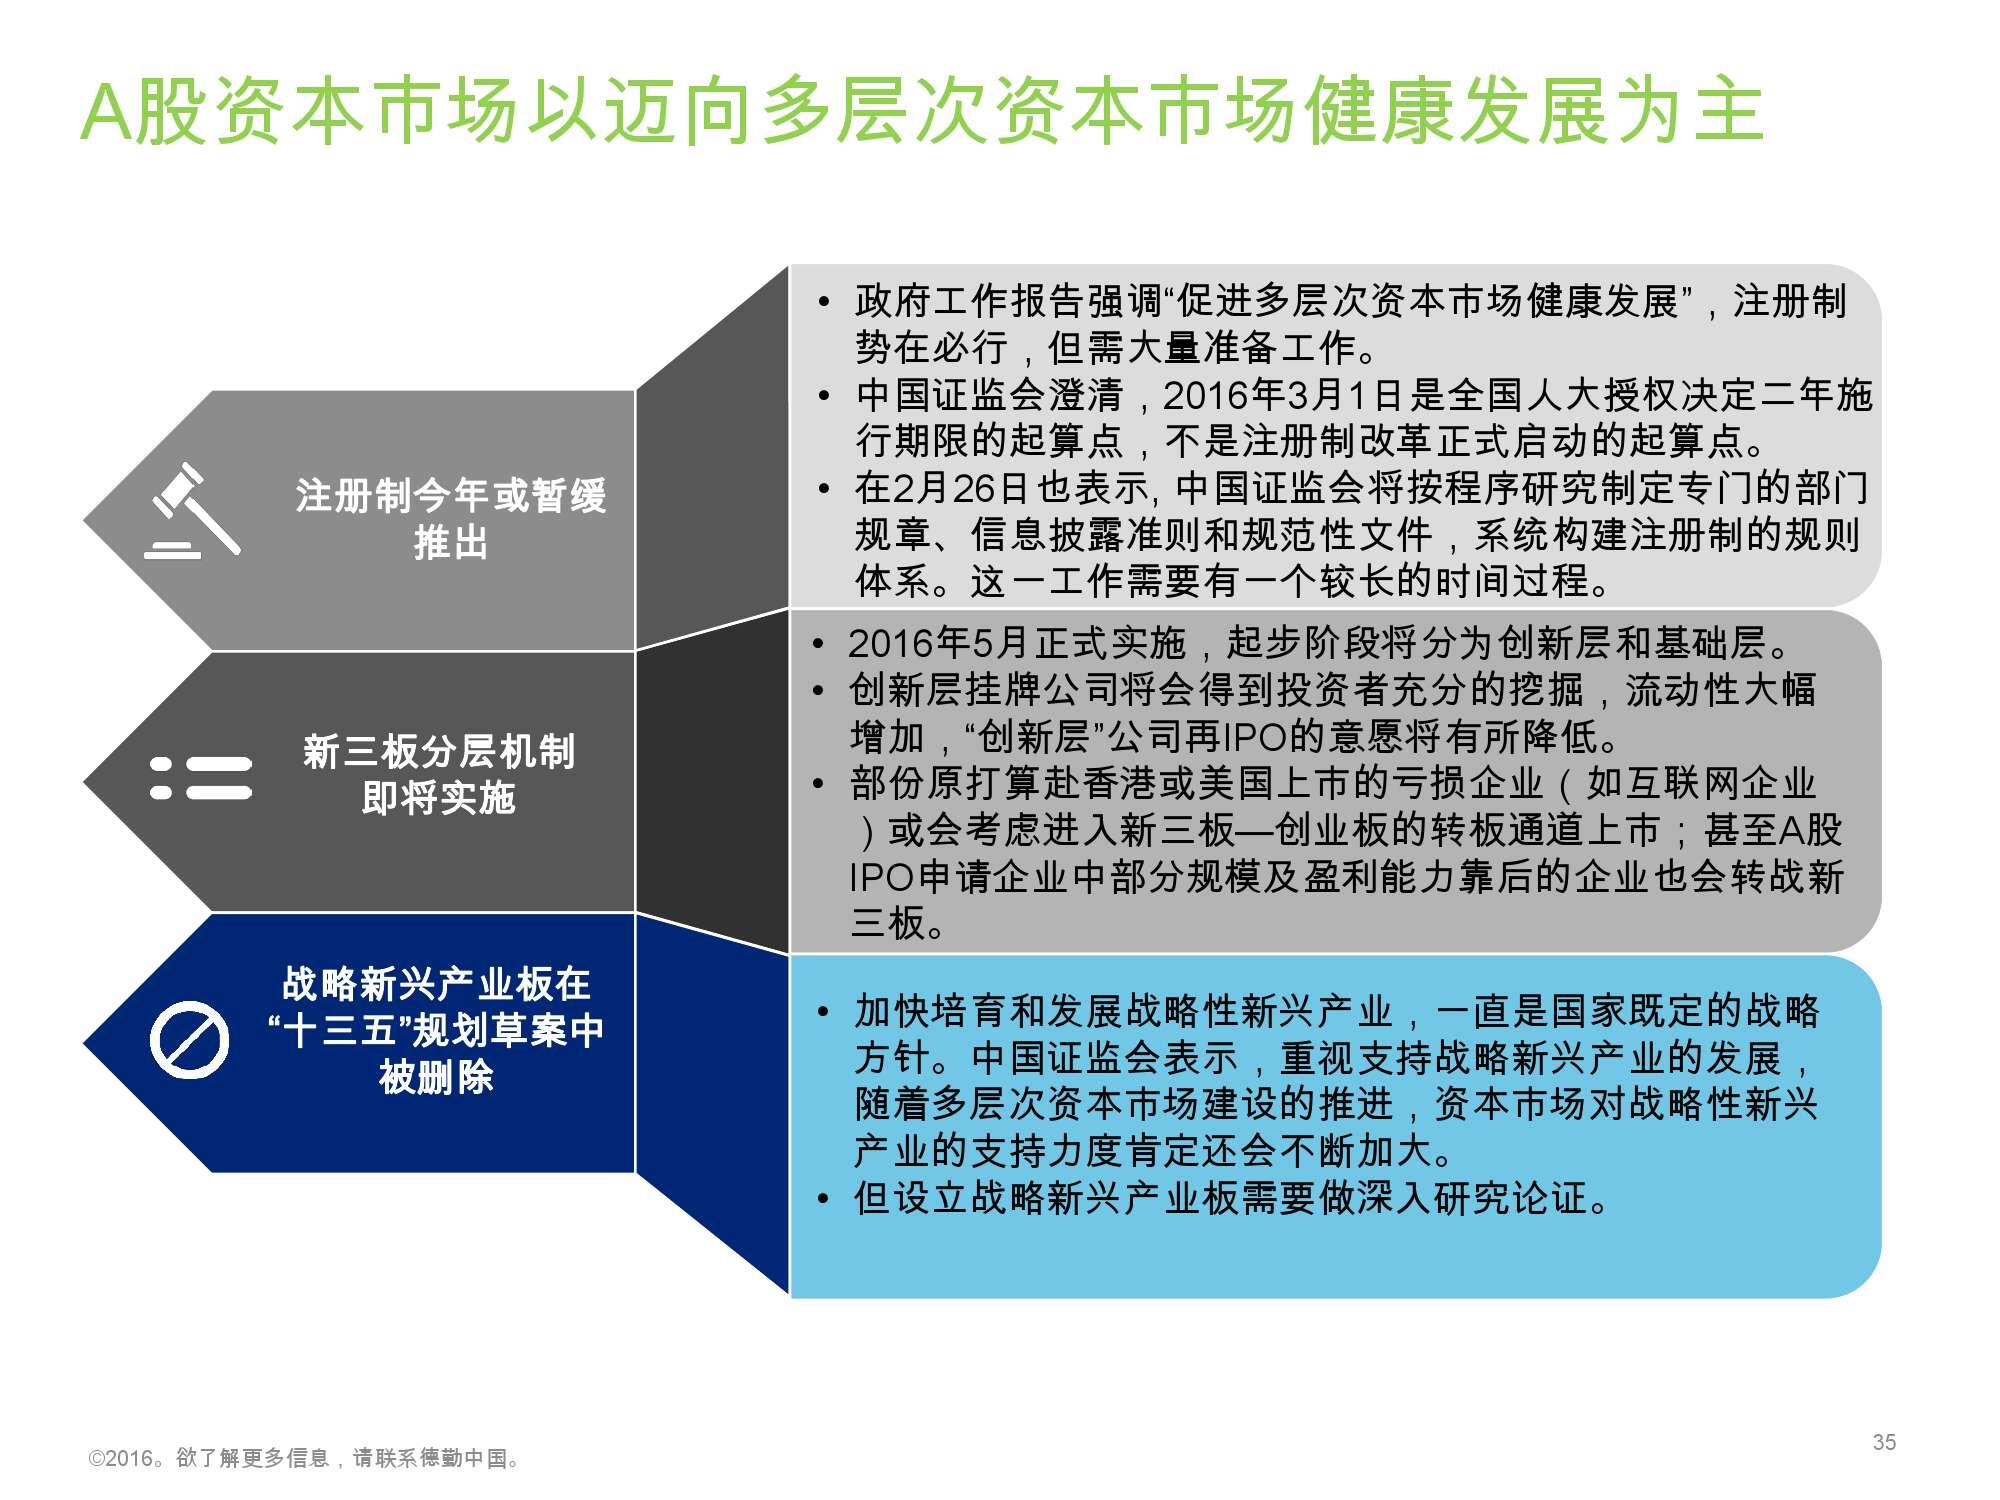 香港及中国大陆IPO市场2016年1季度_000035